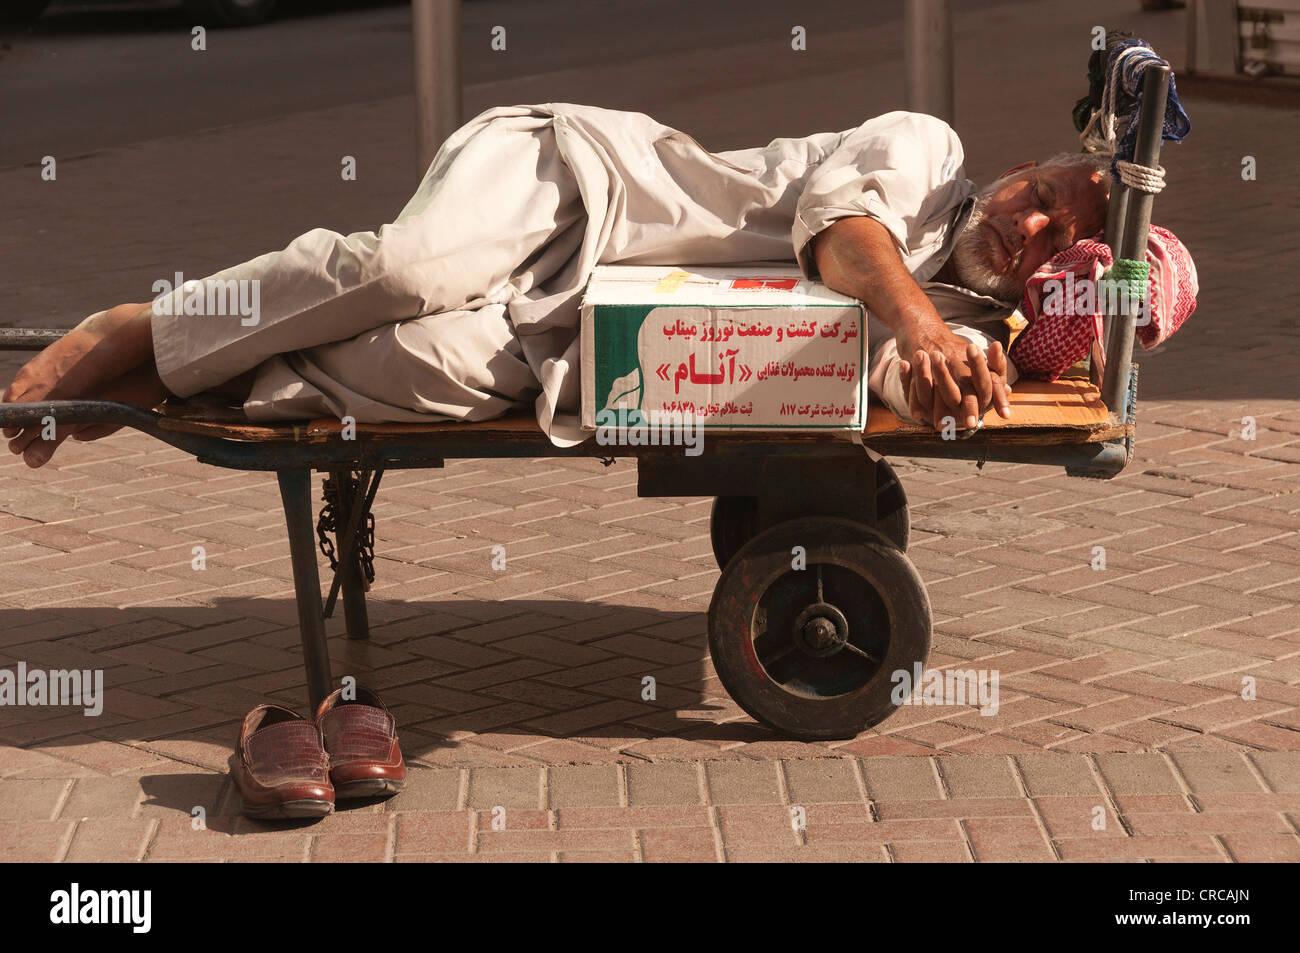 Elk206-2342 United Arab Emirates, Dubai, souk porter sleeping on cart